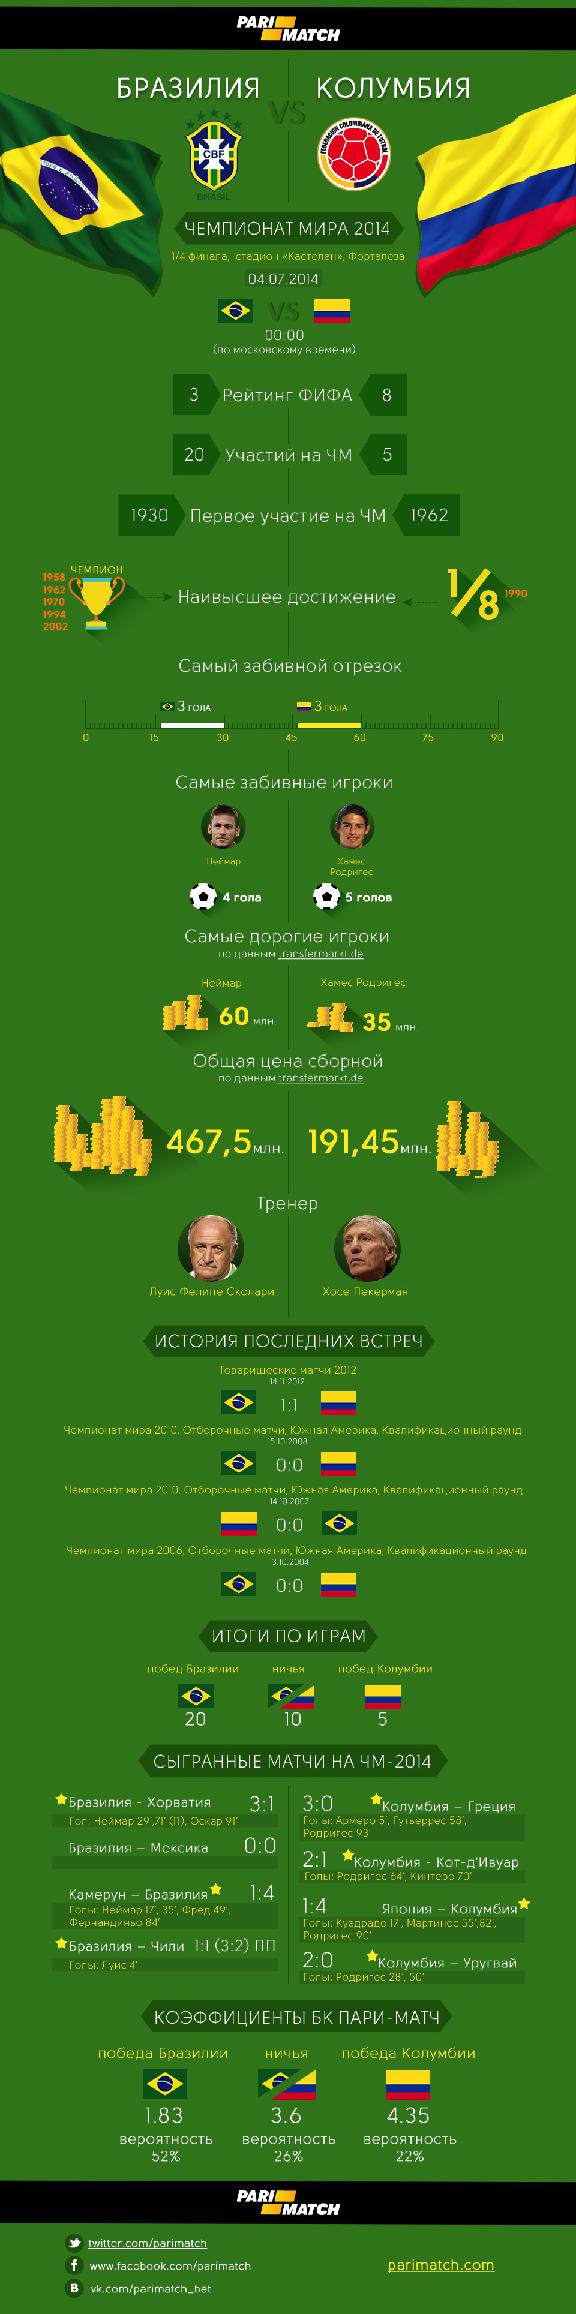 мира колумбия прогноз матча чемпионата бразилия